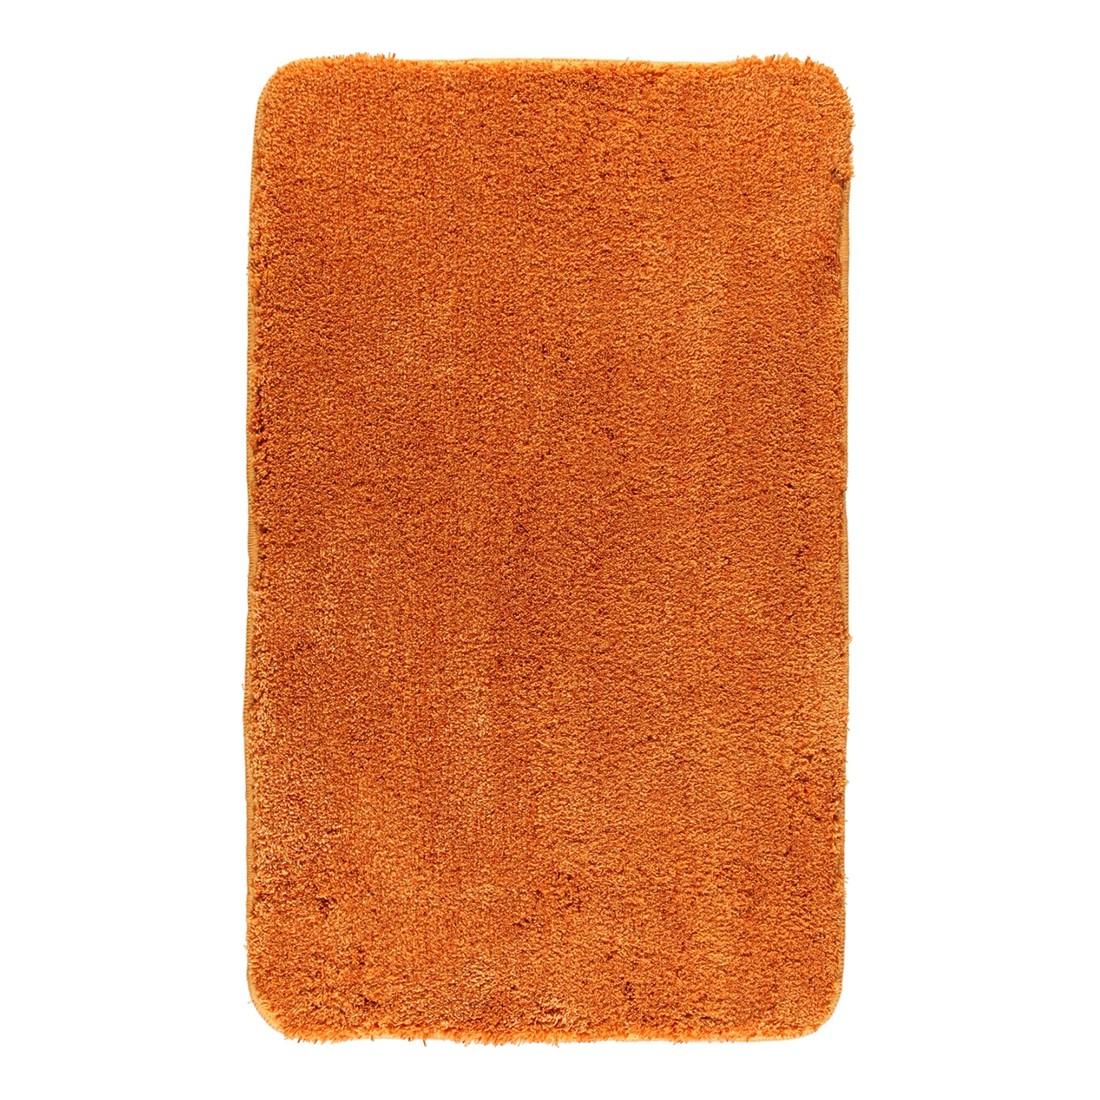 Badteppich Relax – 100% Polyacryl Rost – 316 – 70 x 120 cm, Kleine Wolke günstig bestellen